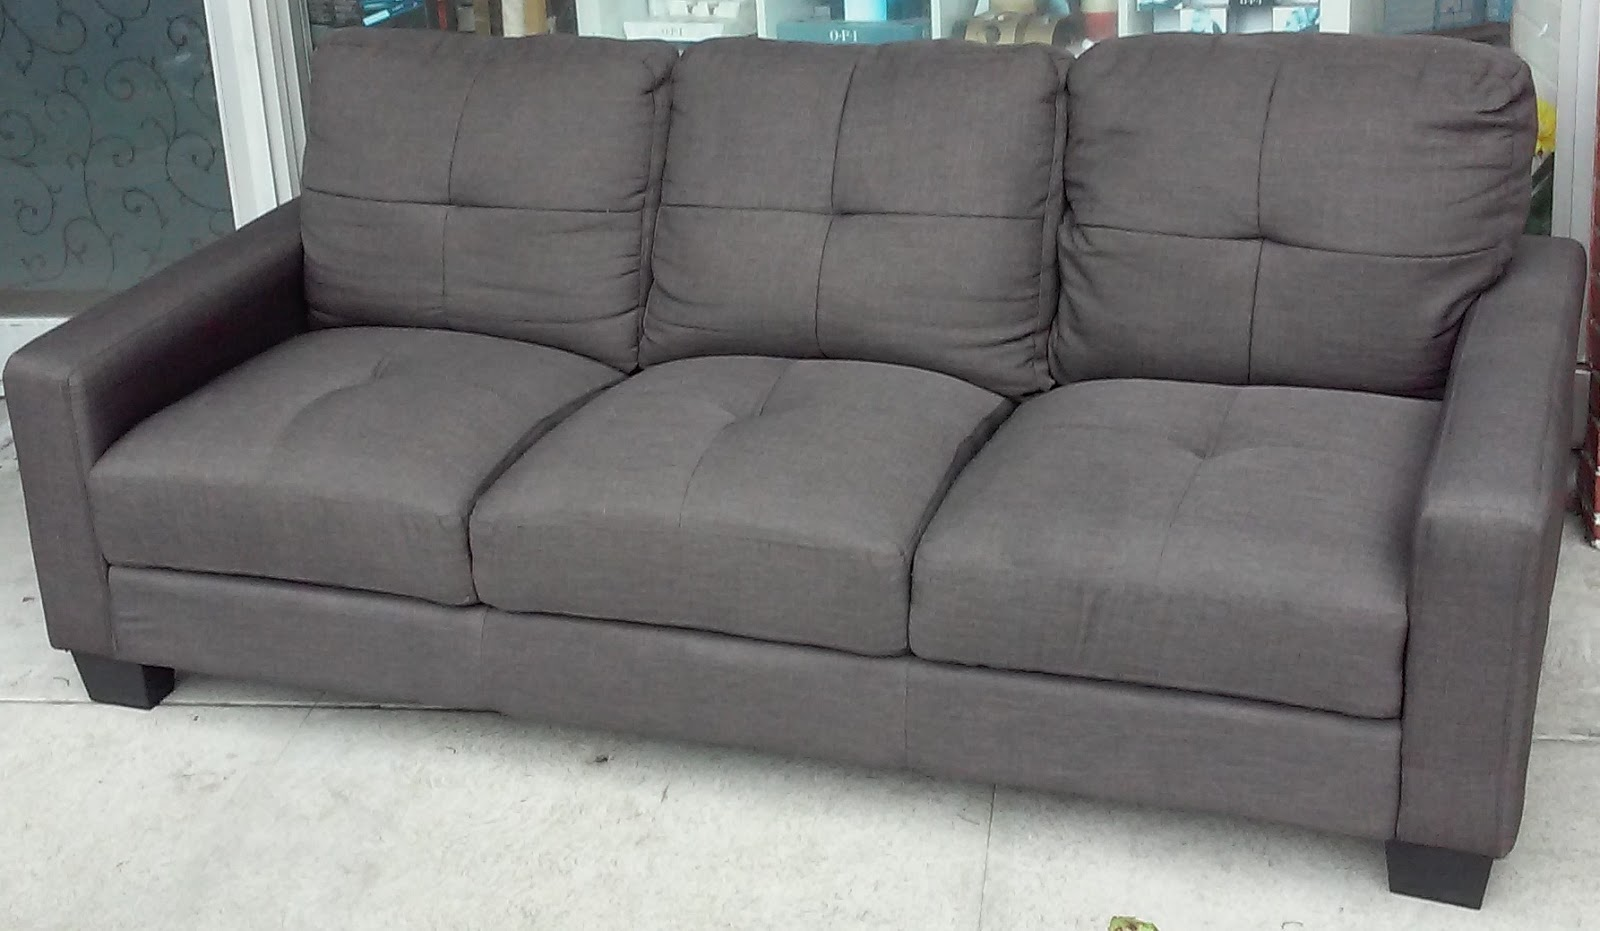 SOLD 6 1/2u0027 Modern Tweed Sofa   $125